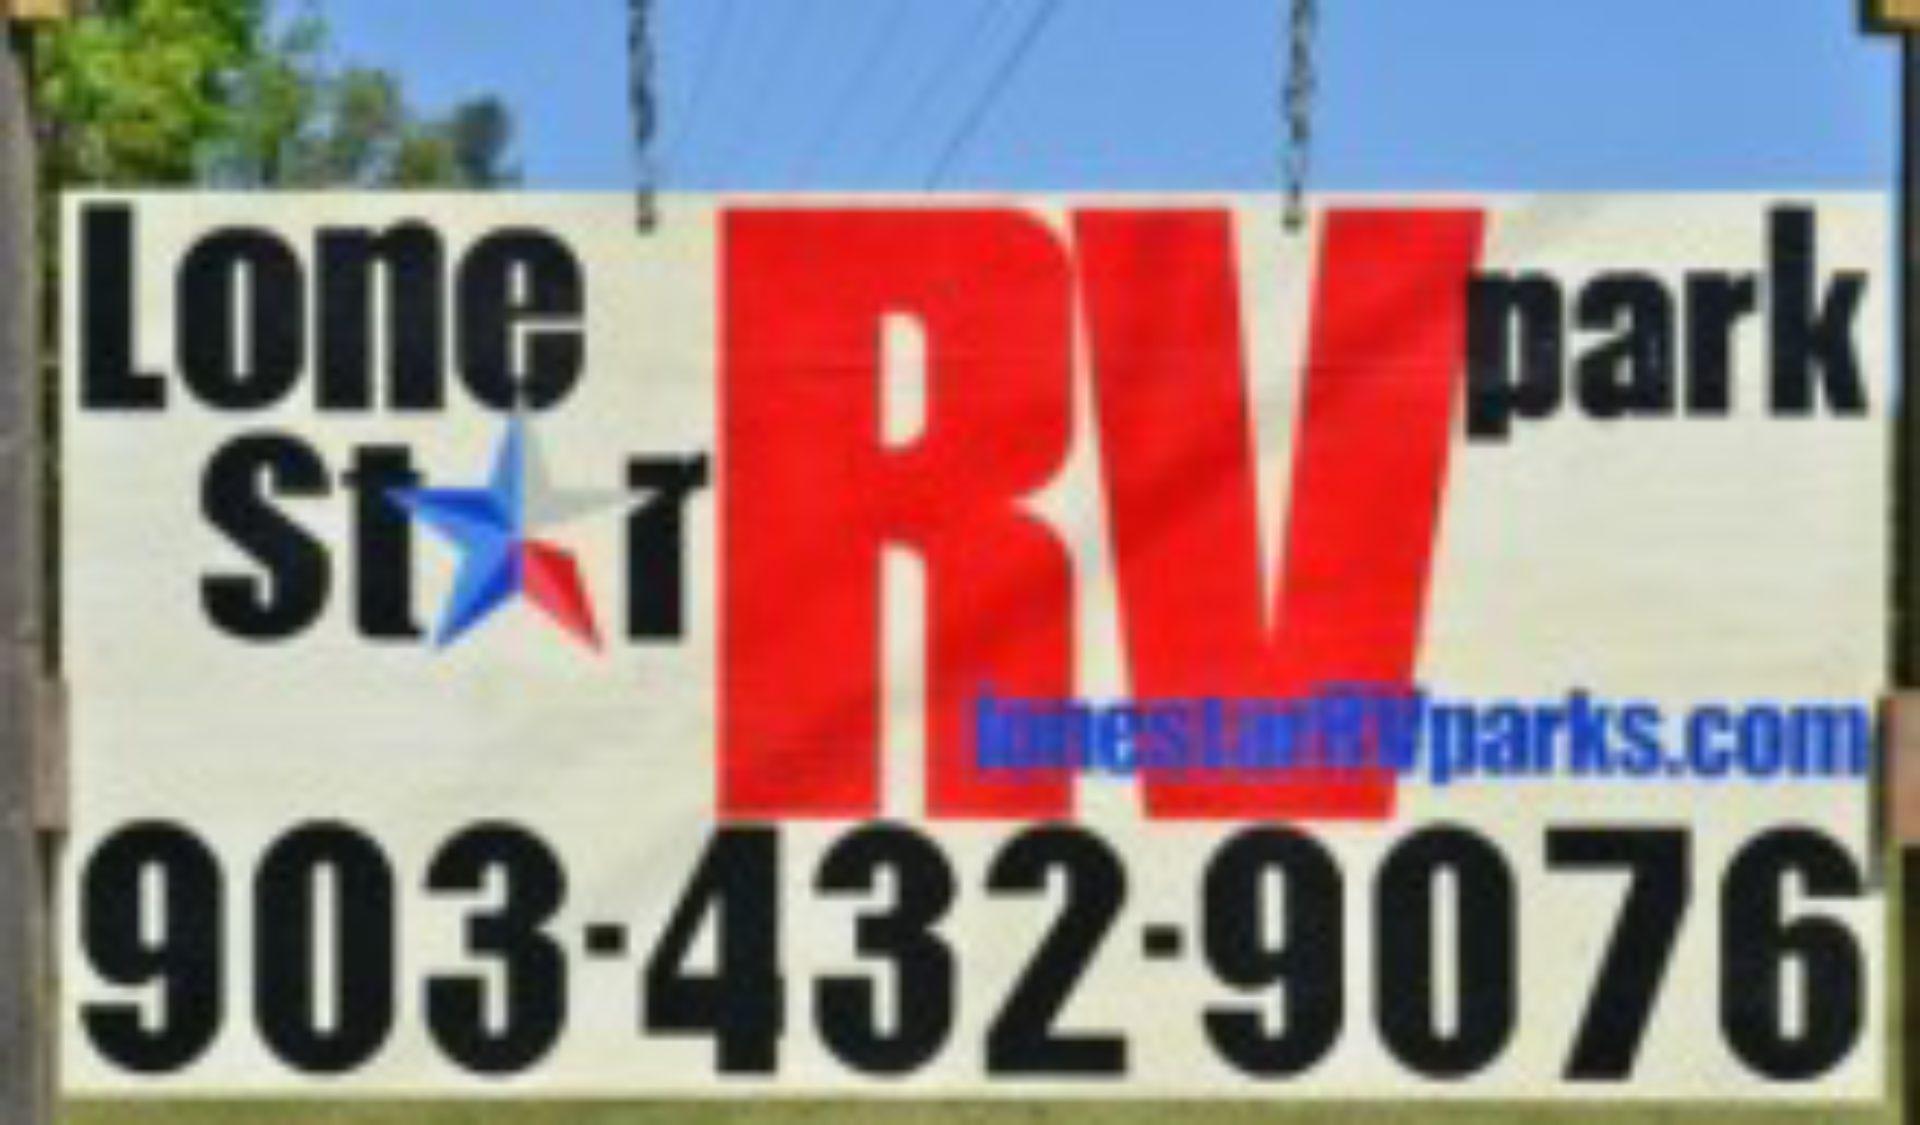 Seven Points Lonestar RV Park – 903.432.9076